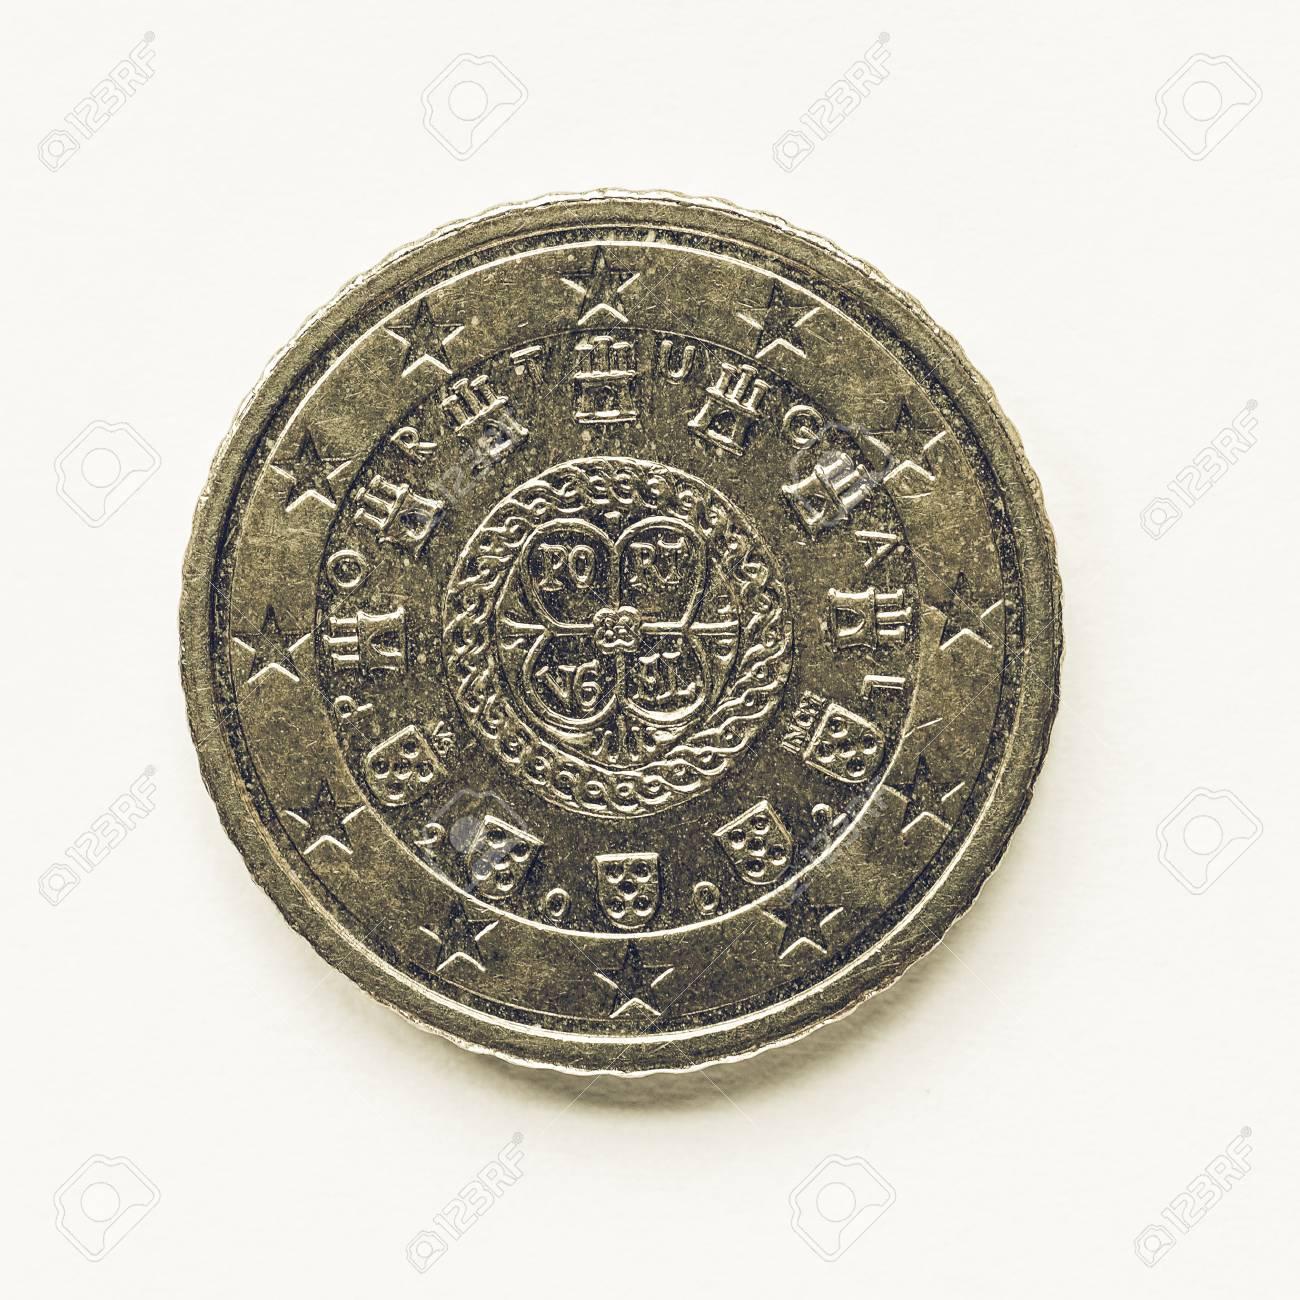 Jahrgang Suchen Währung Europas 50 Cent Münze Aus Portugal